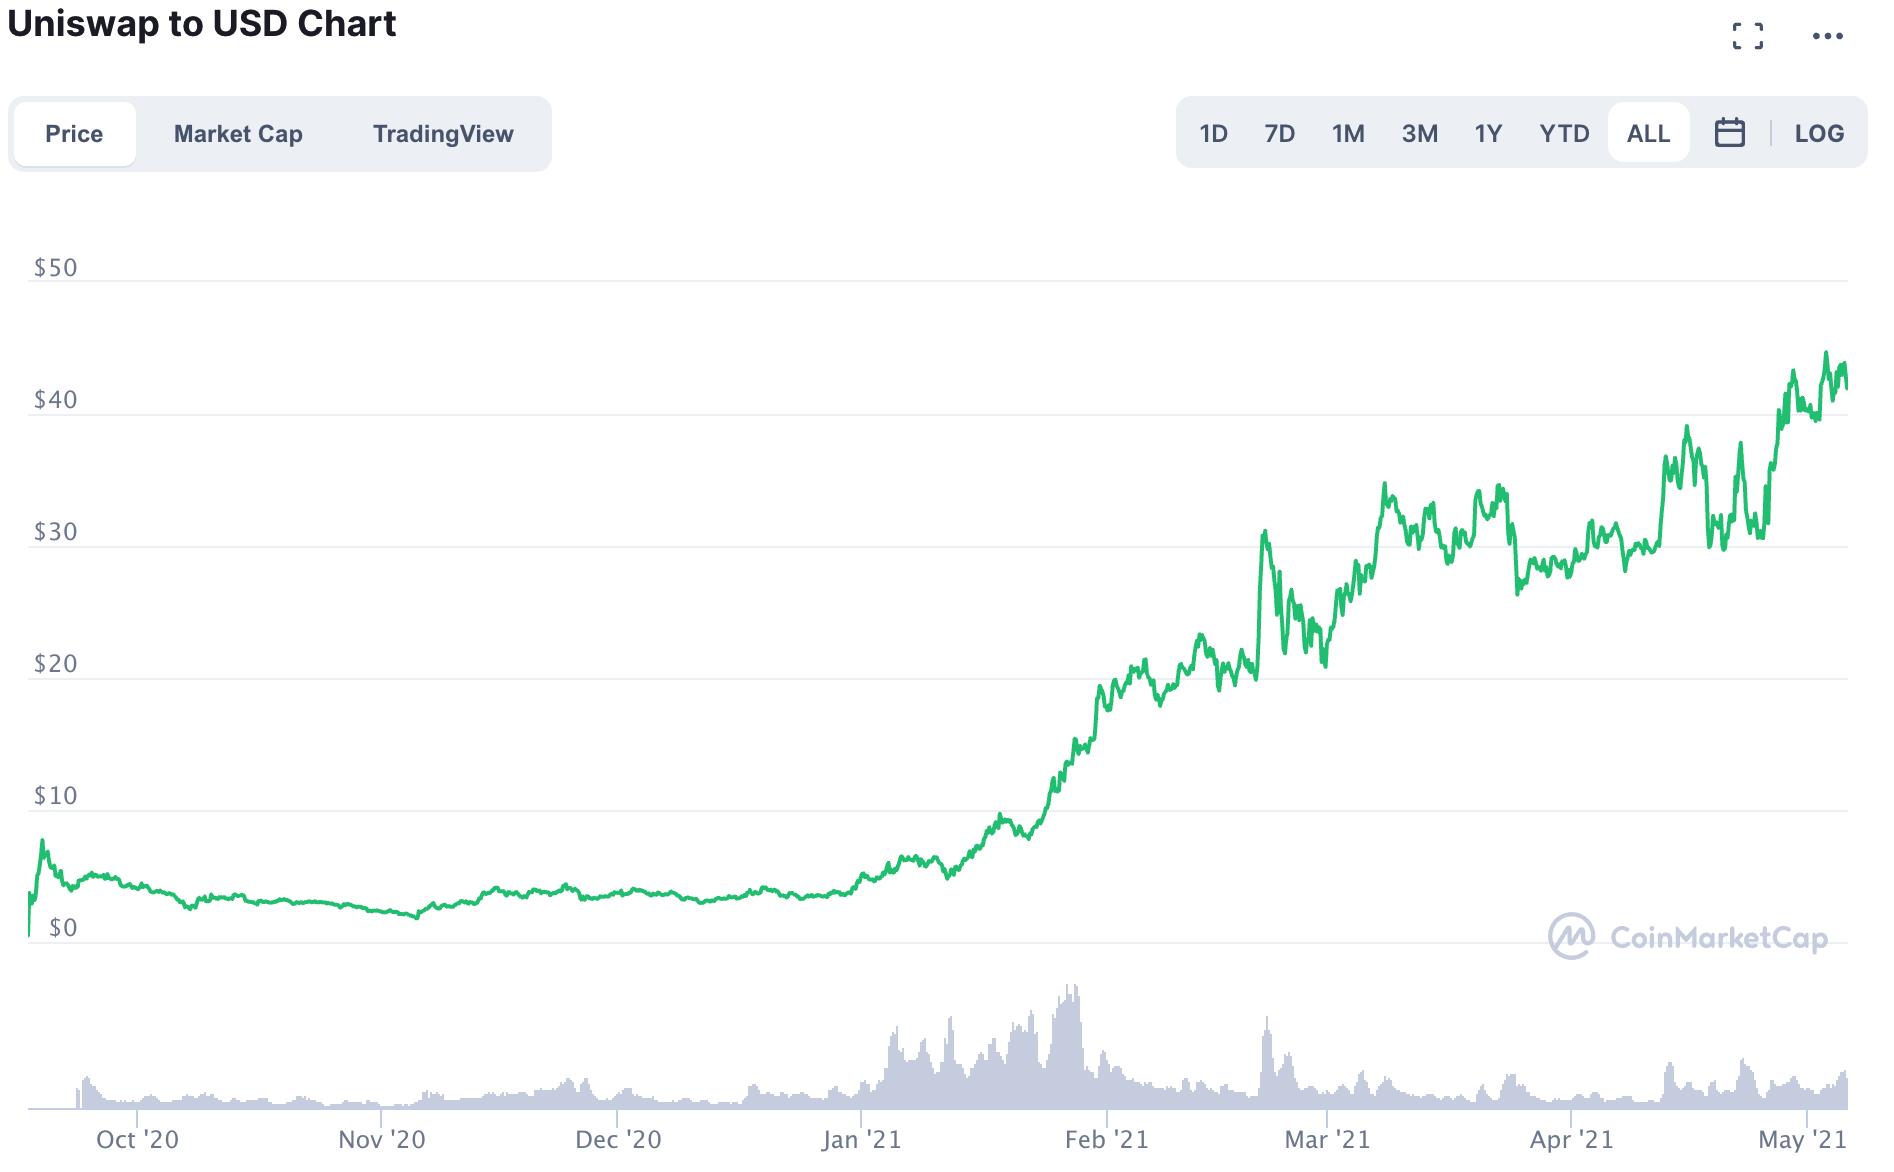 Uniswap/USD Chart